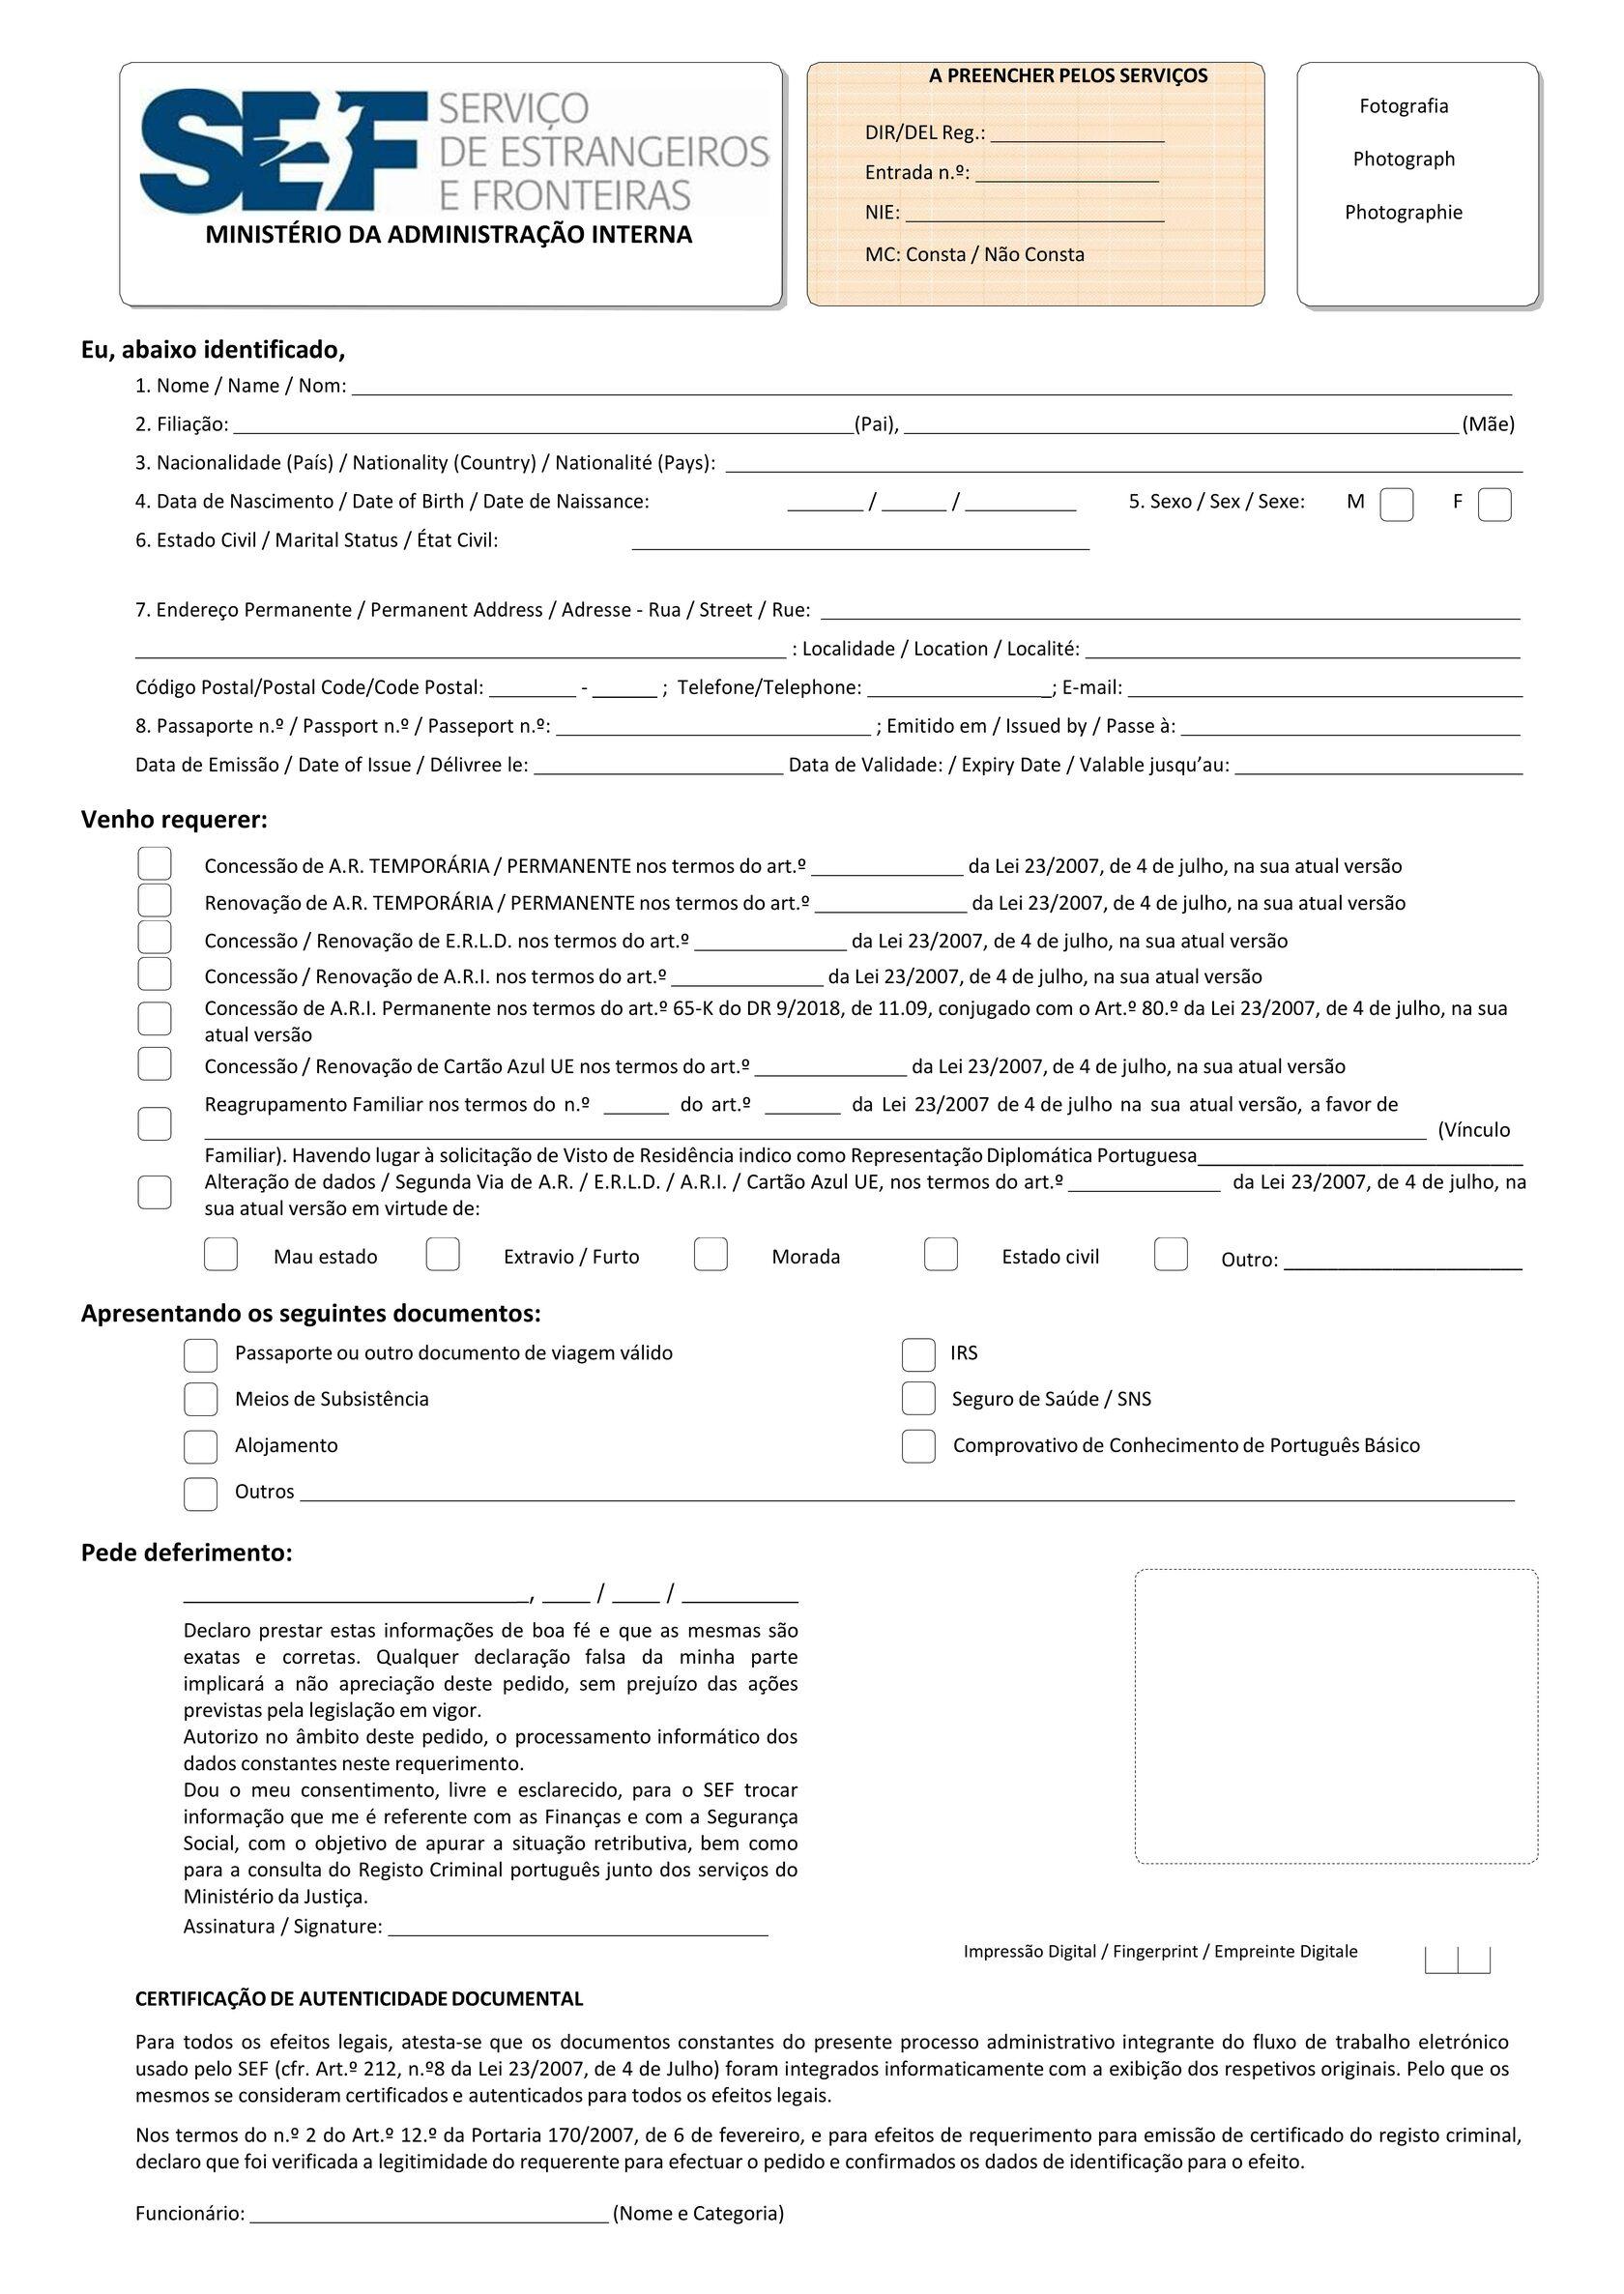 список документов виза d6